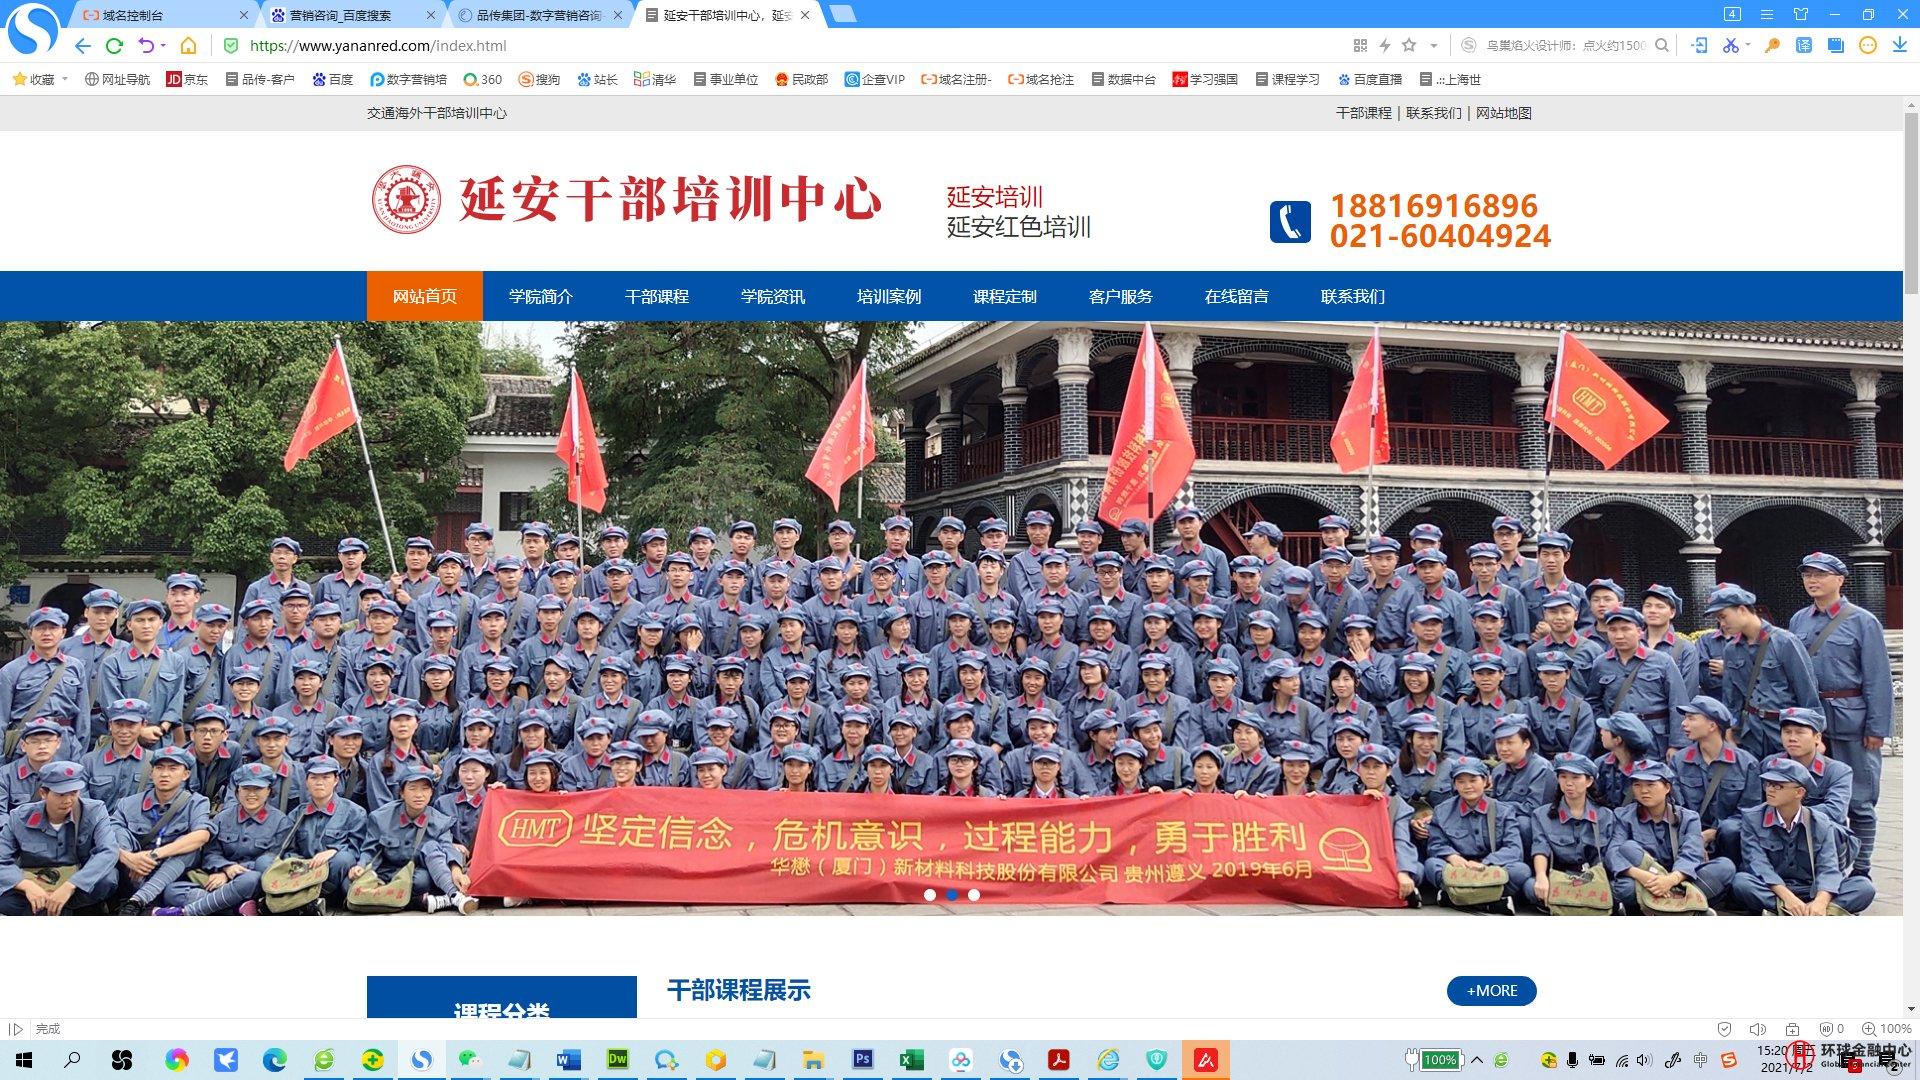 热烈祝贺又品传公司承建的上海交通大学海外教育学院延